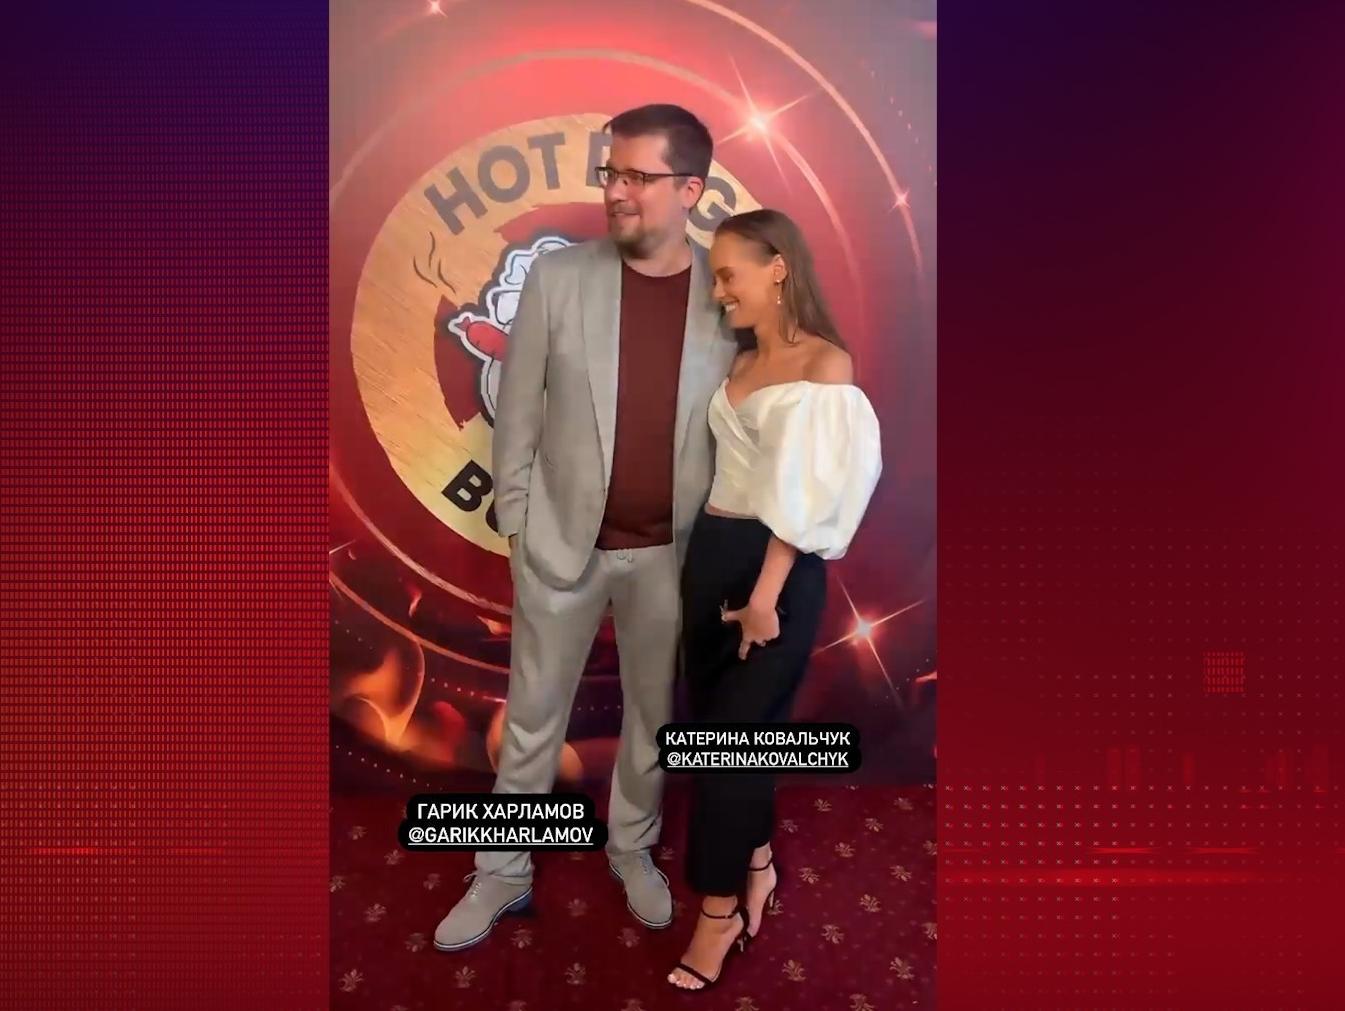 Гарик Харламов показал новую избранницу